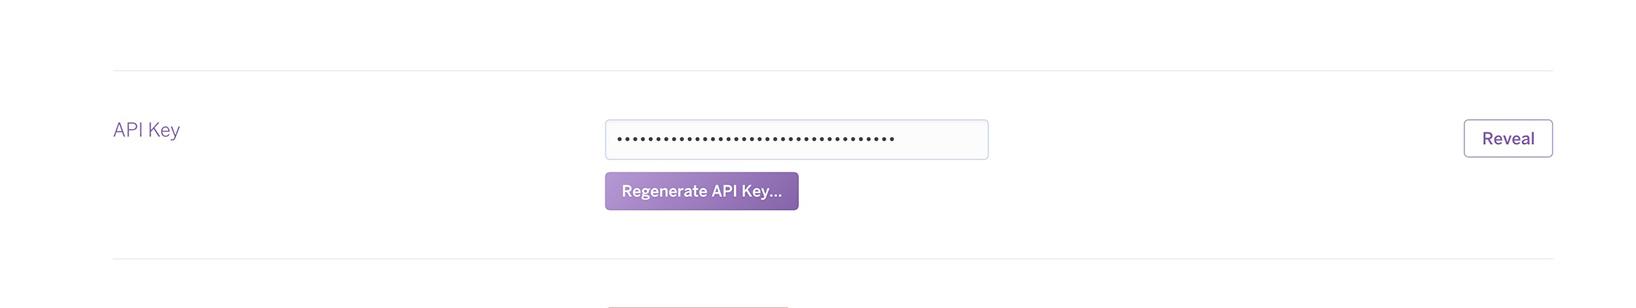 api_key.jpg